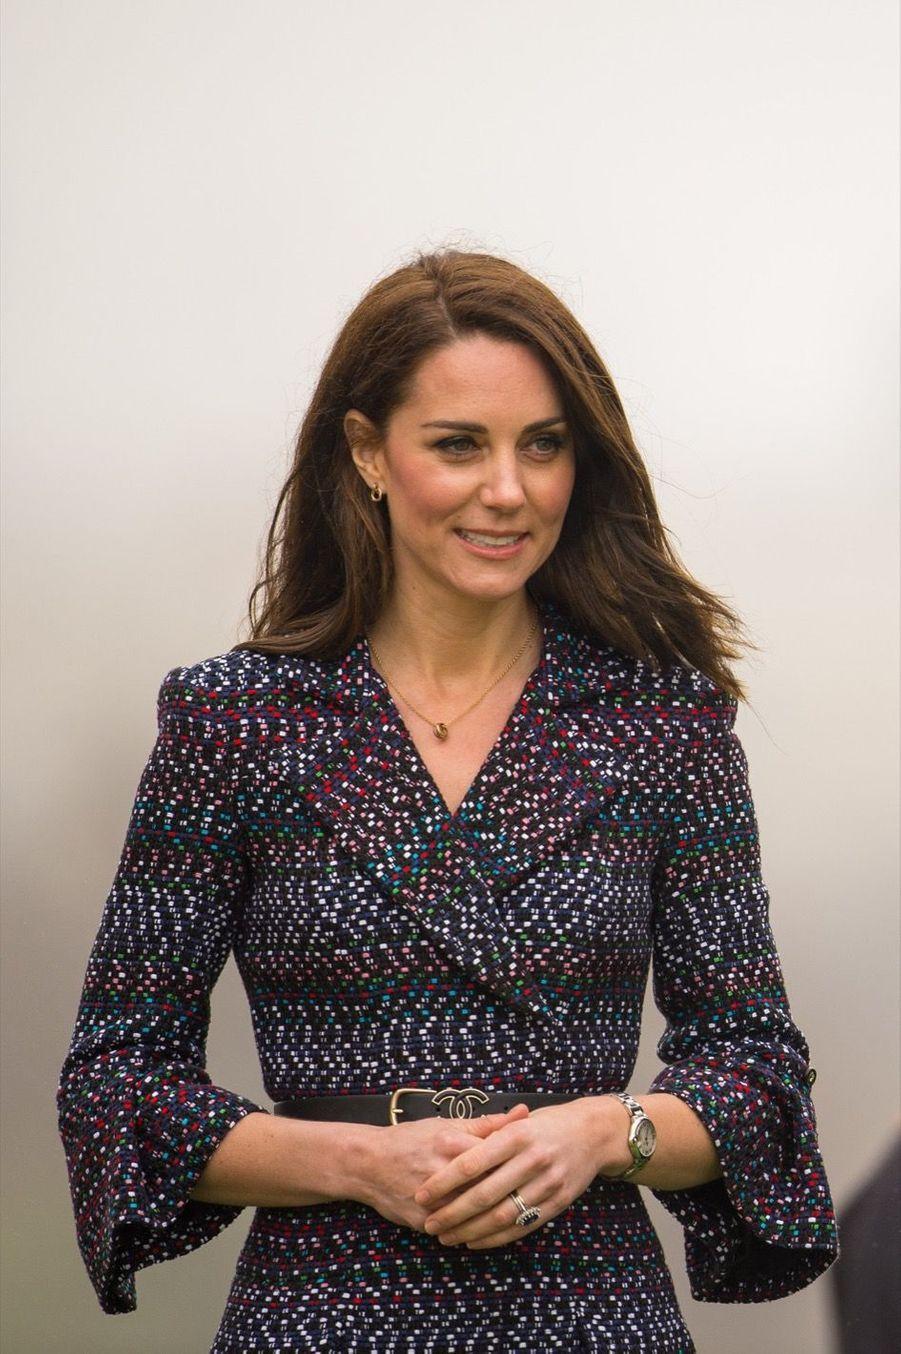 Kate Middleton Et Le Prince William Jouent Au Rugby Sur L'esplanade Du Trocadéro 33